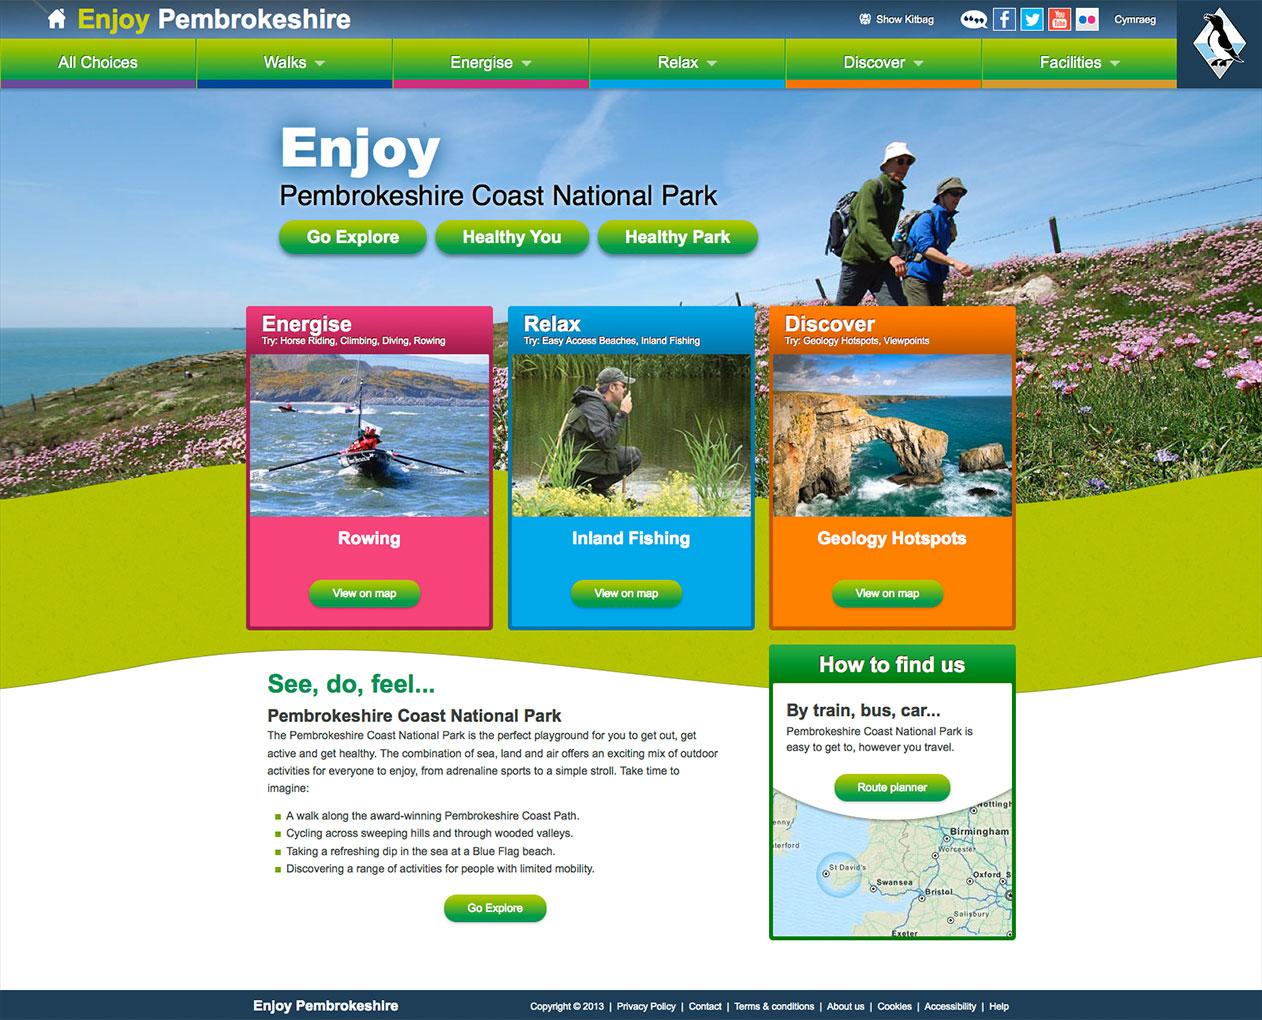 Enjoy Pembrokeshire website design by Artychoke